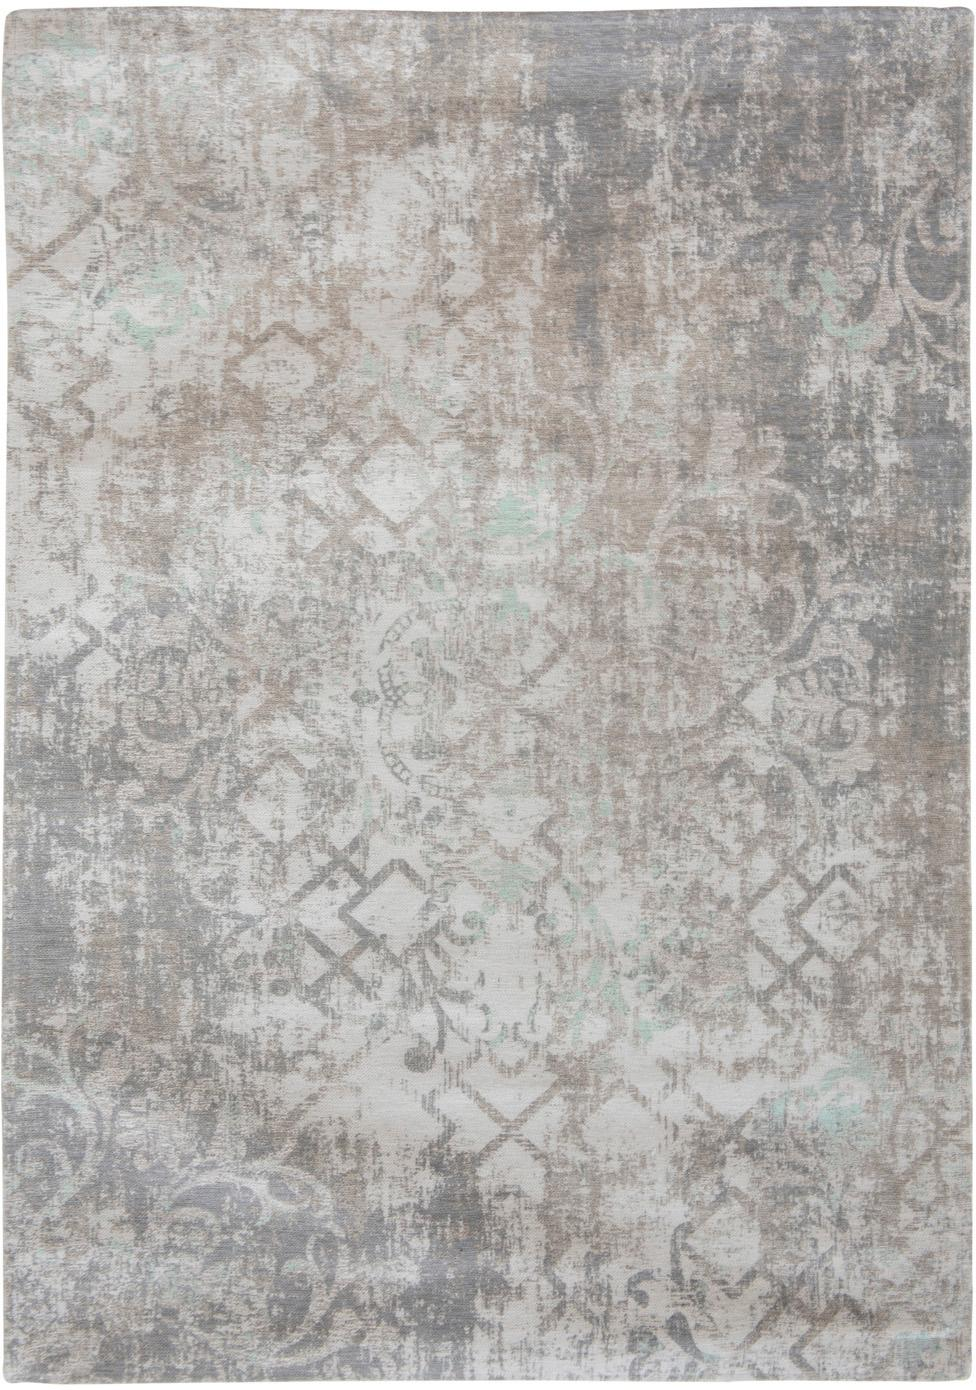 Vintage Chenilleteppich Babylon in Grau-Beige, Vorderseite: 100% Chenillegarn (Baumwo, Webart: Jacquard, Rückseite: Chenillegarn, latexbeschi, Grau, Beige, B 170 x L 240 cm (Größe M)